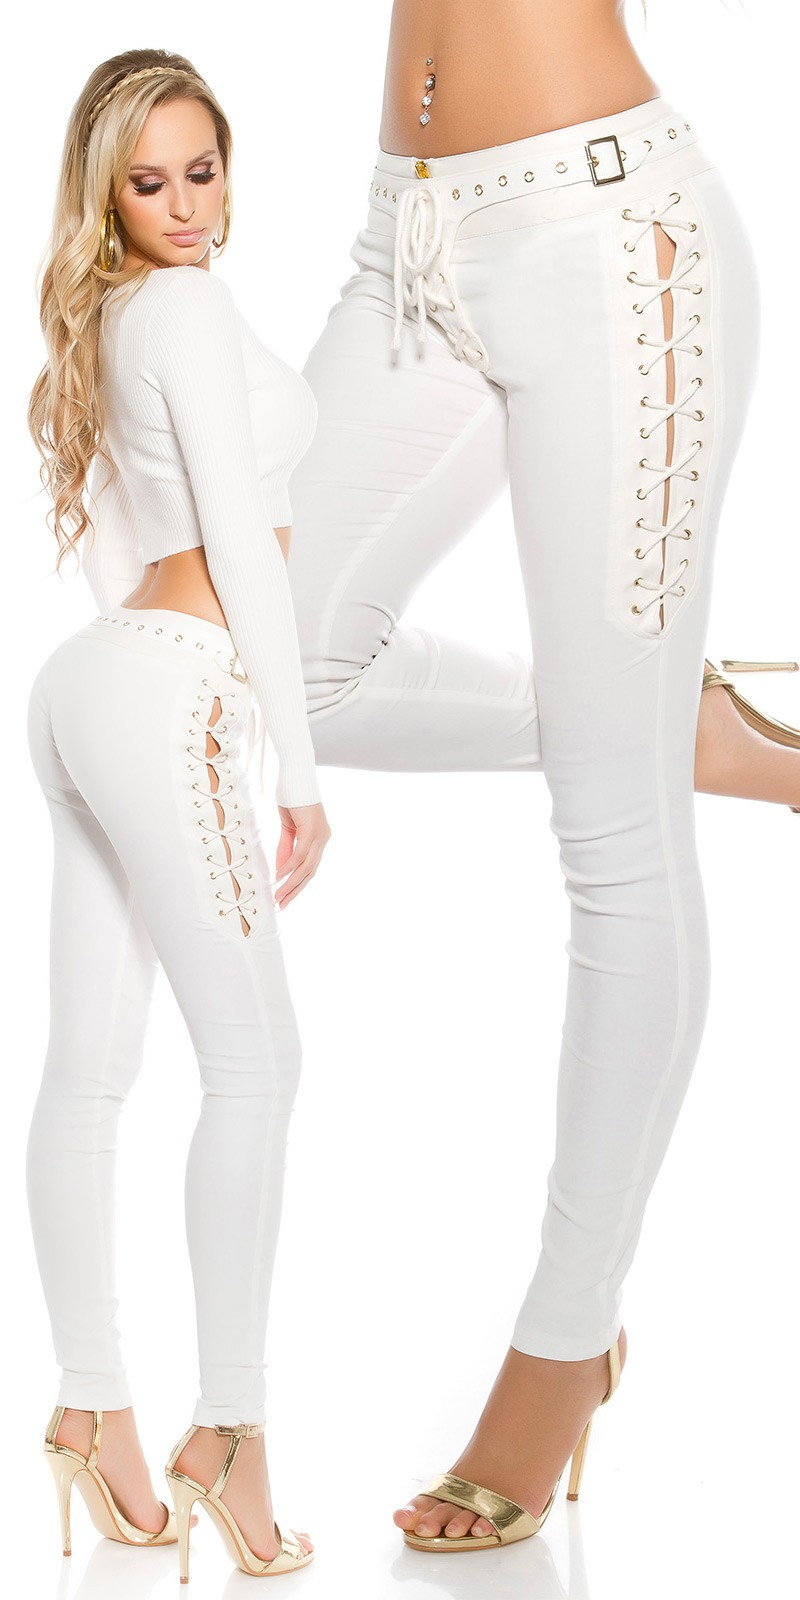 Sexy Frauenbeine In Den Baumwollstoffkurzen Hosen Stockfoto